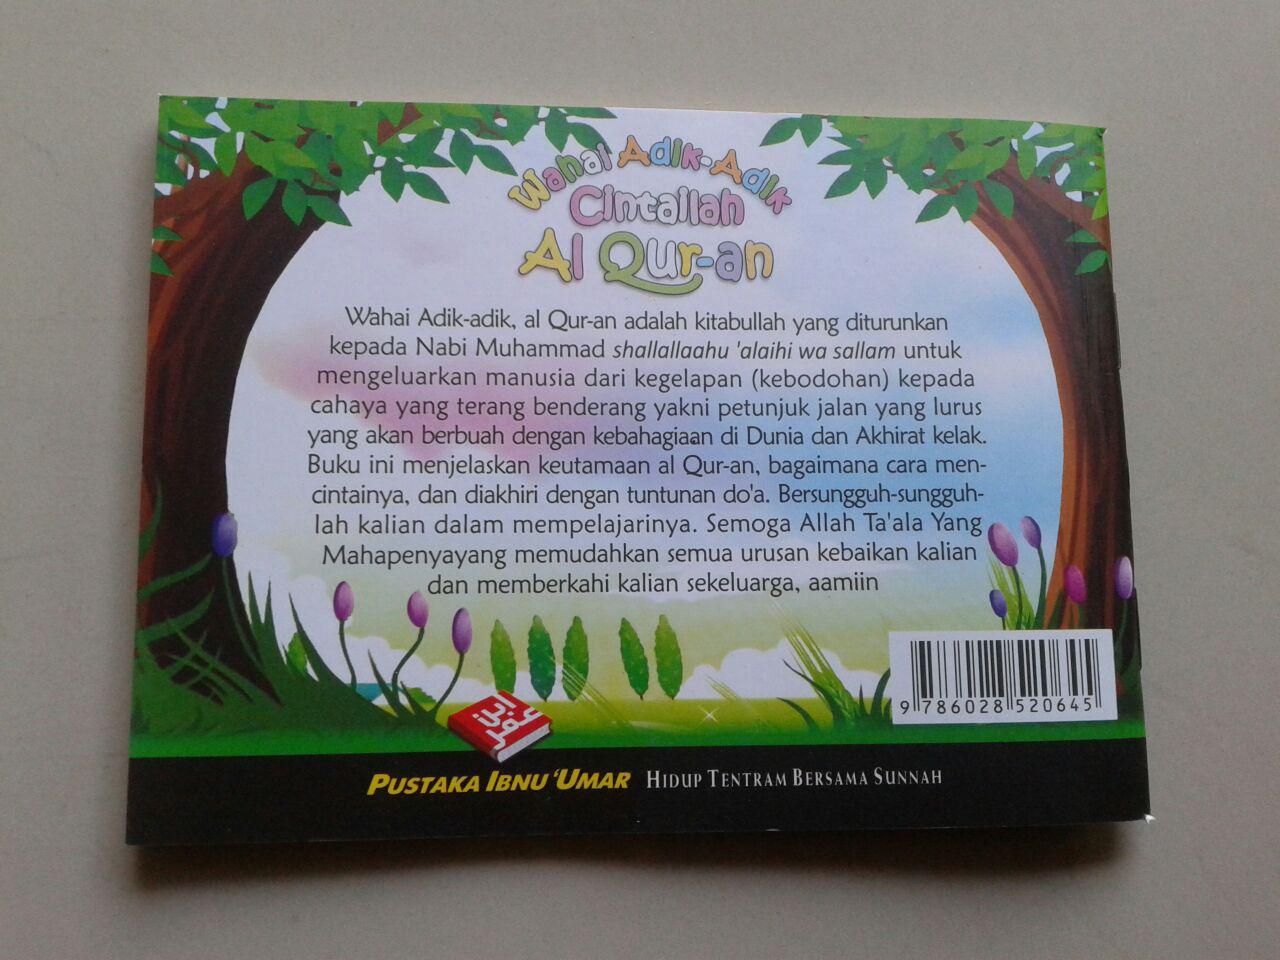 Buku Saku Wahai Adik Adik Cintailah Al Qur'an cover 2